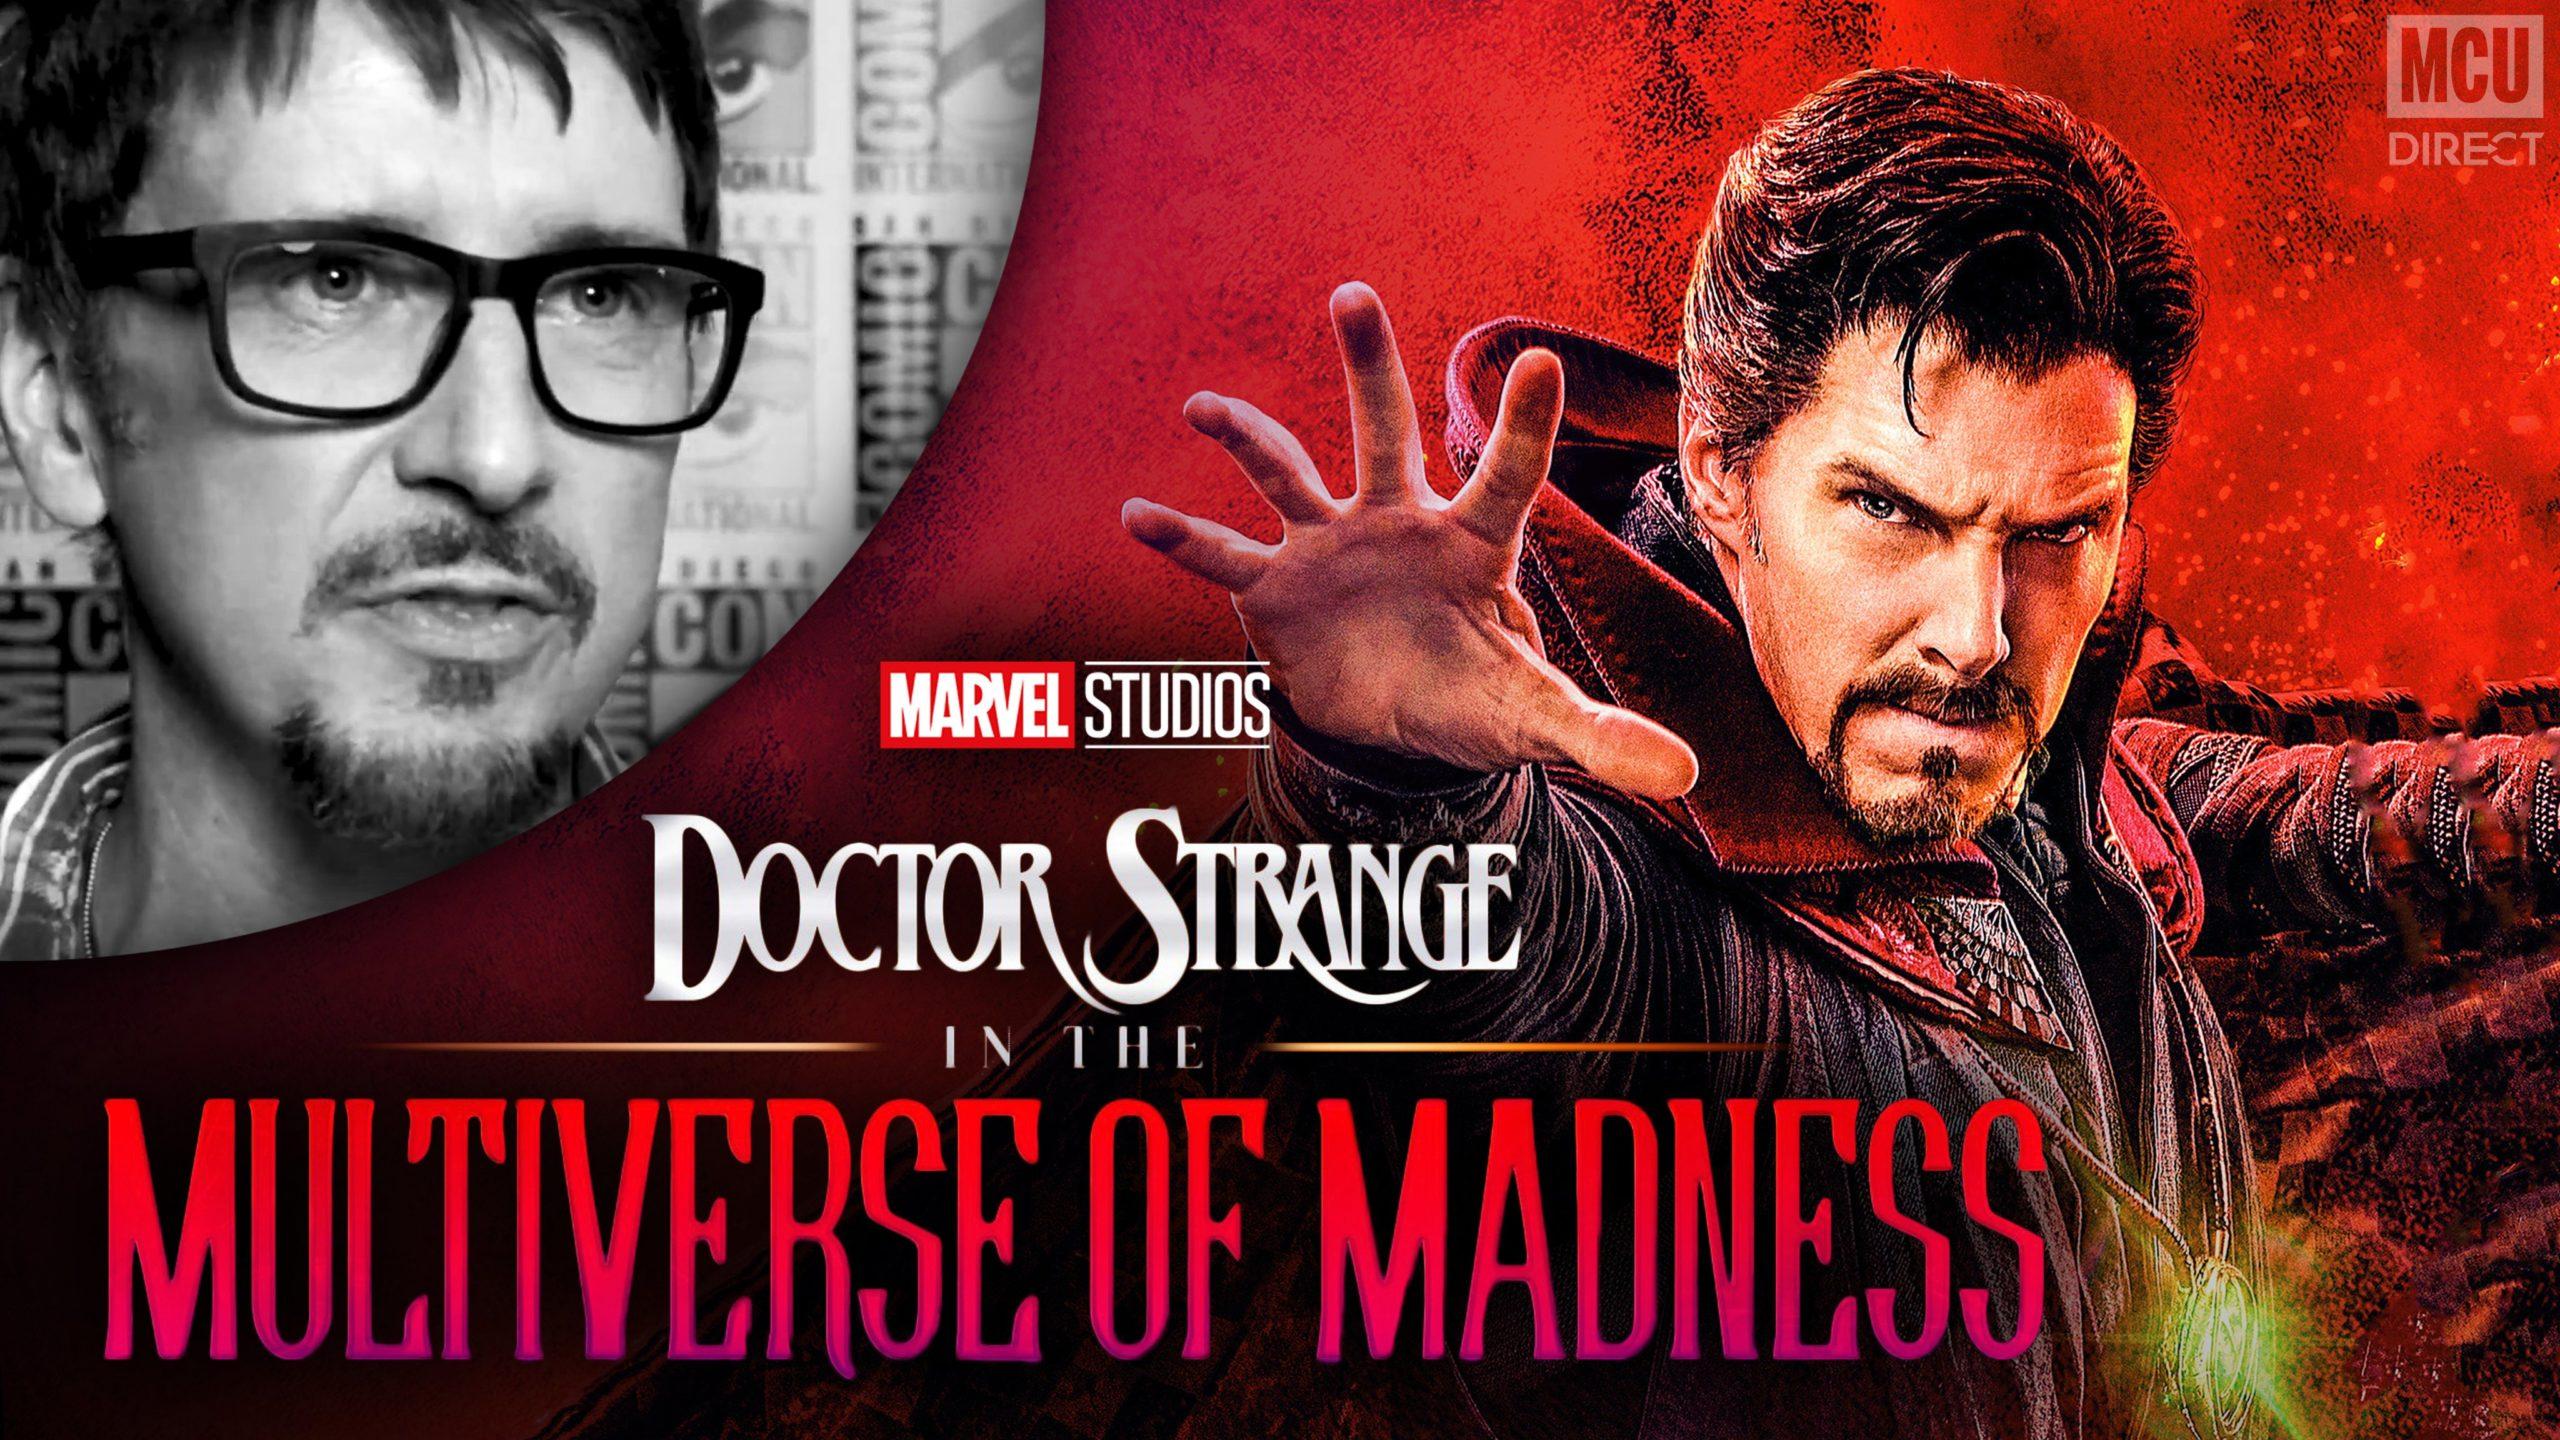 La secuela de Doctor Strange pierde a su director, Scott Derrickson, por diferencias creativas